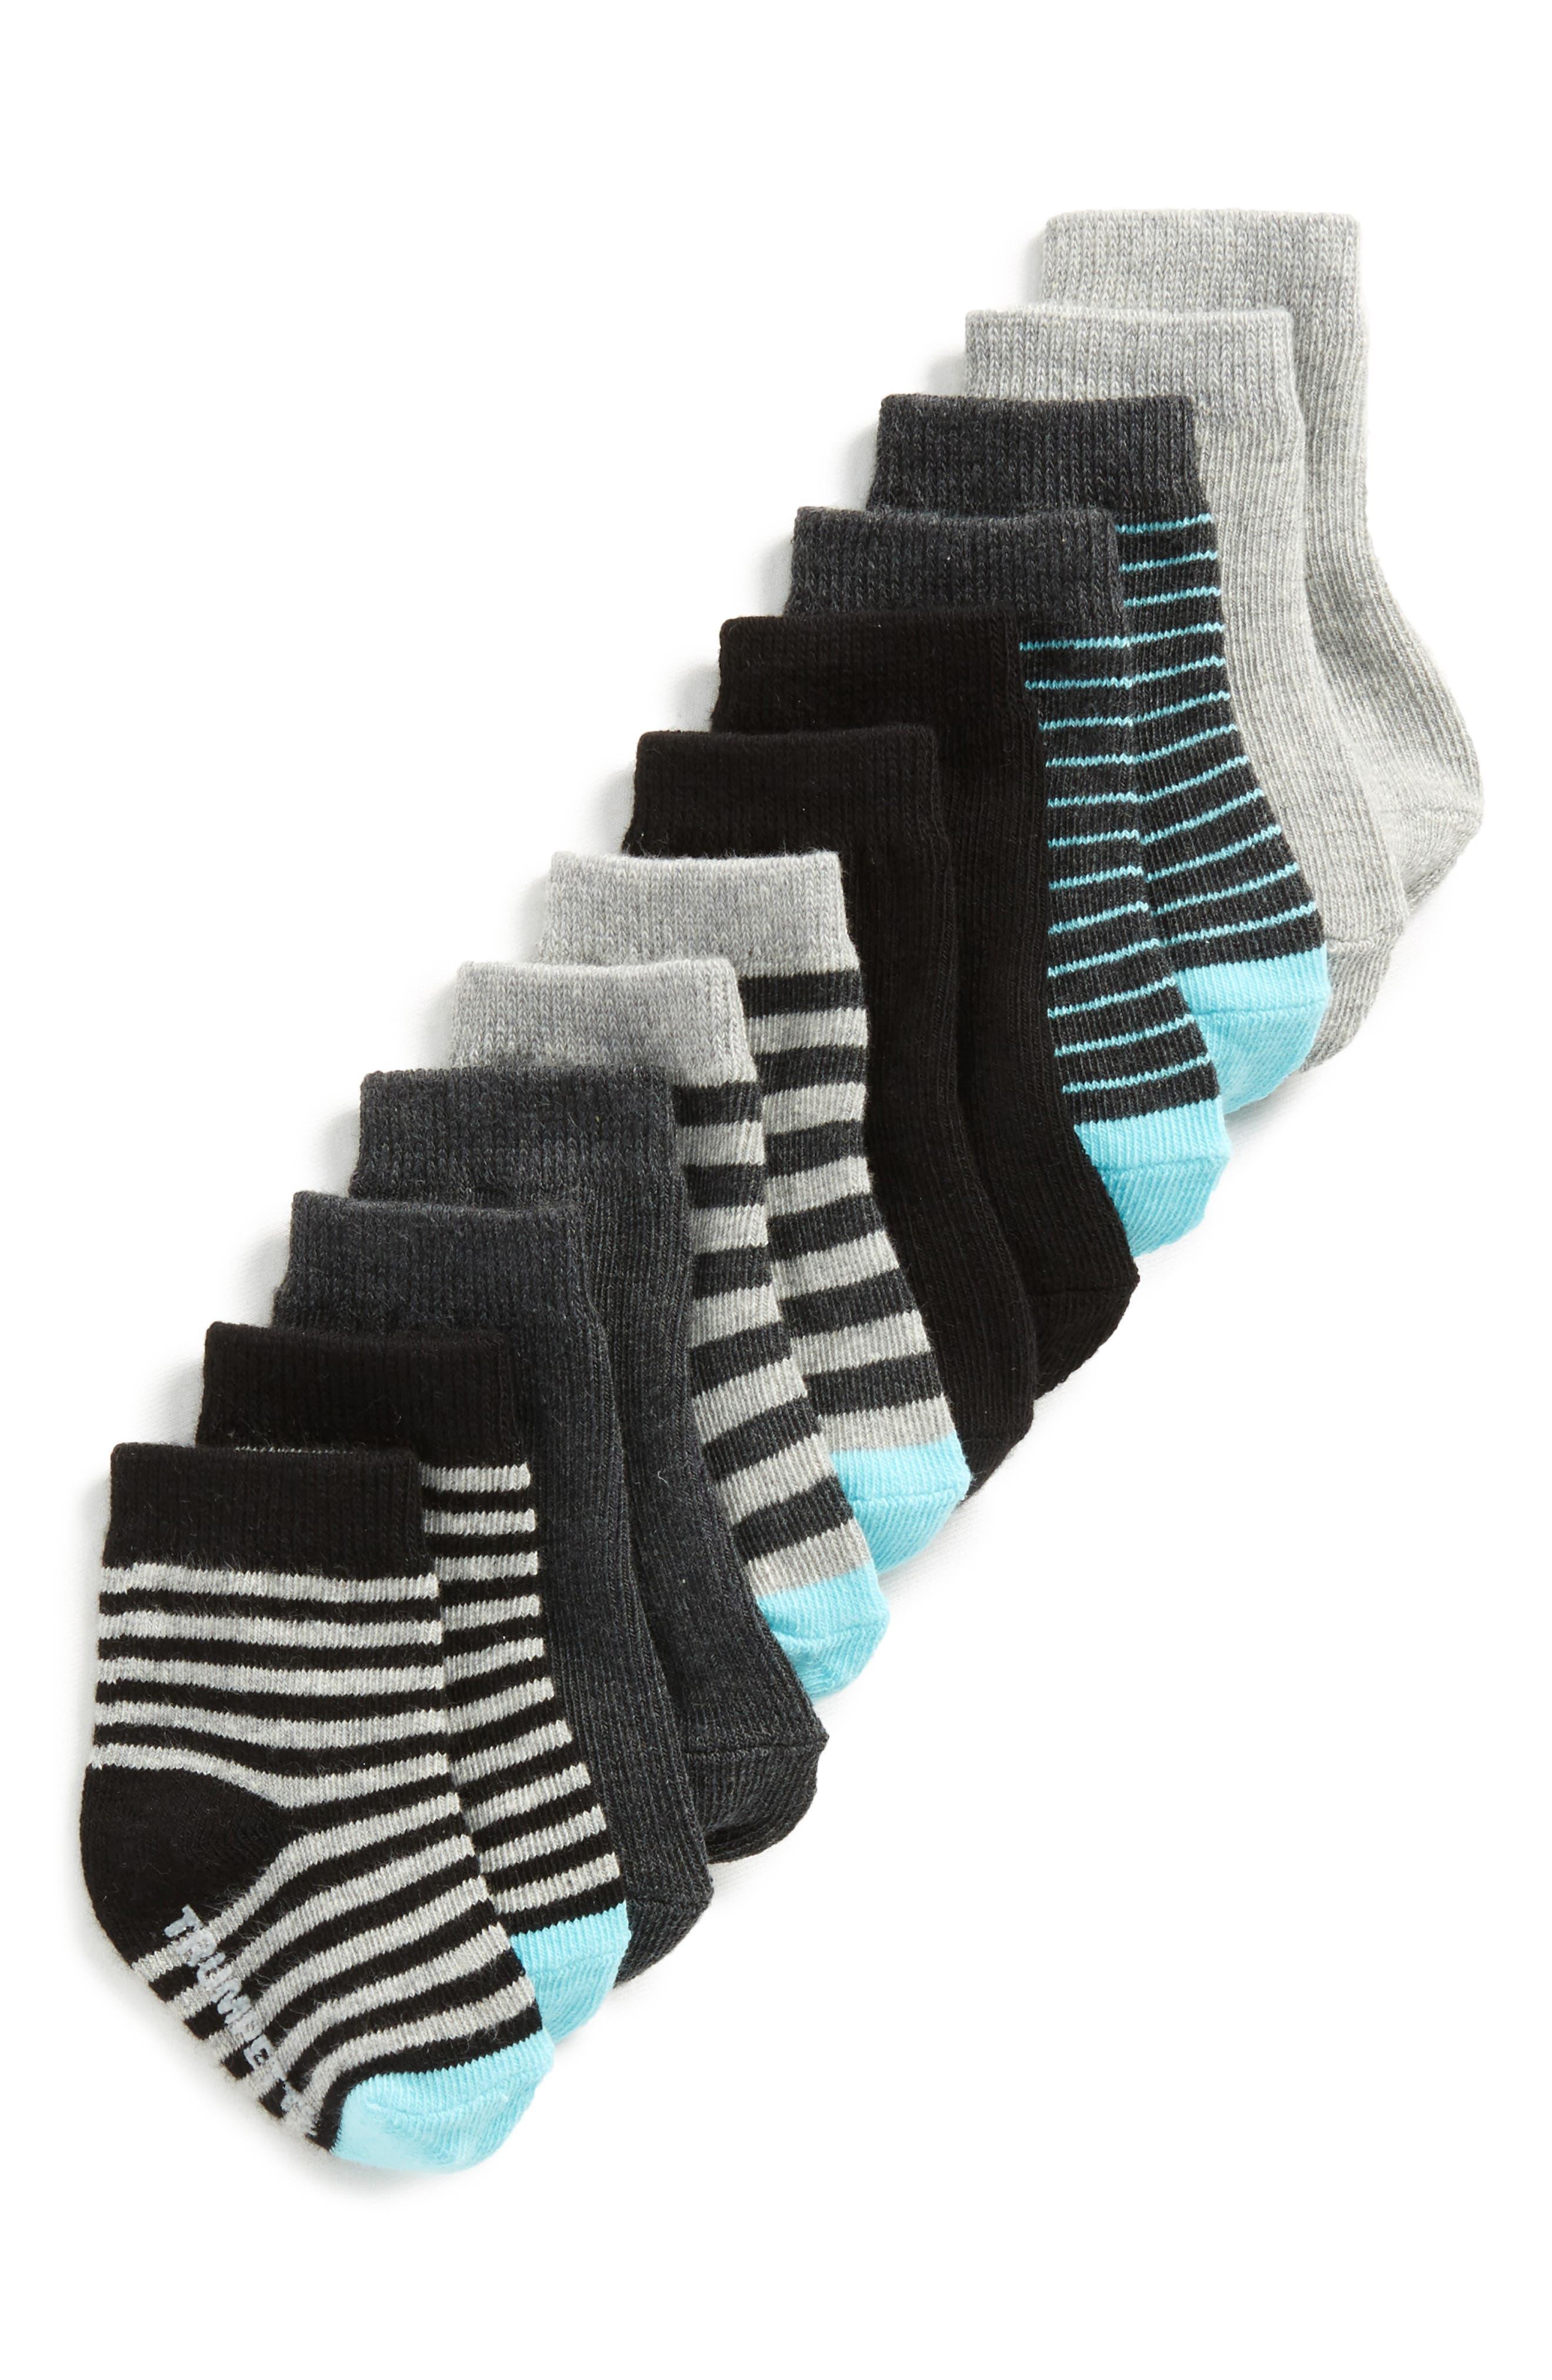 Alternate Image 1 Selected - Trumpette Finn 6-Pack Socks (Baby)